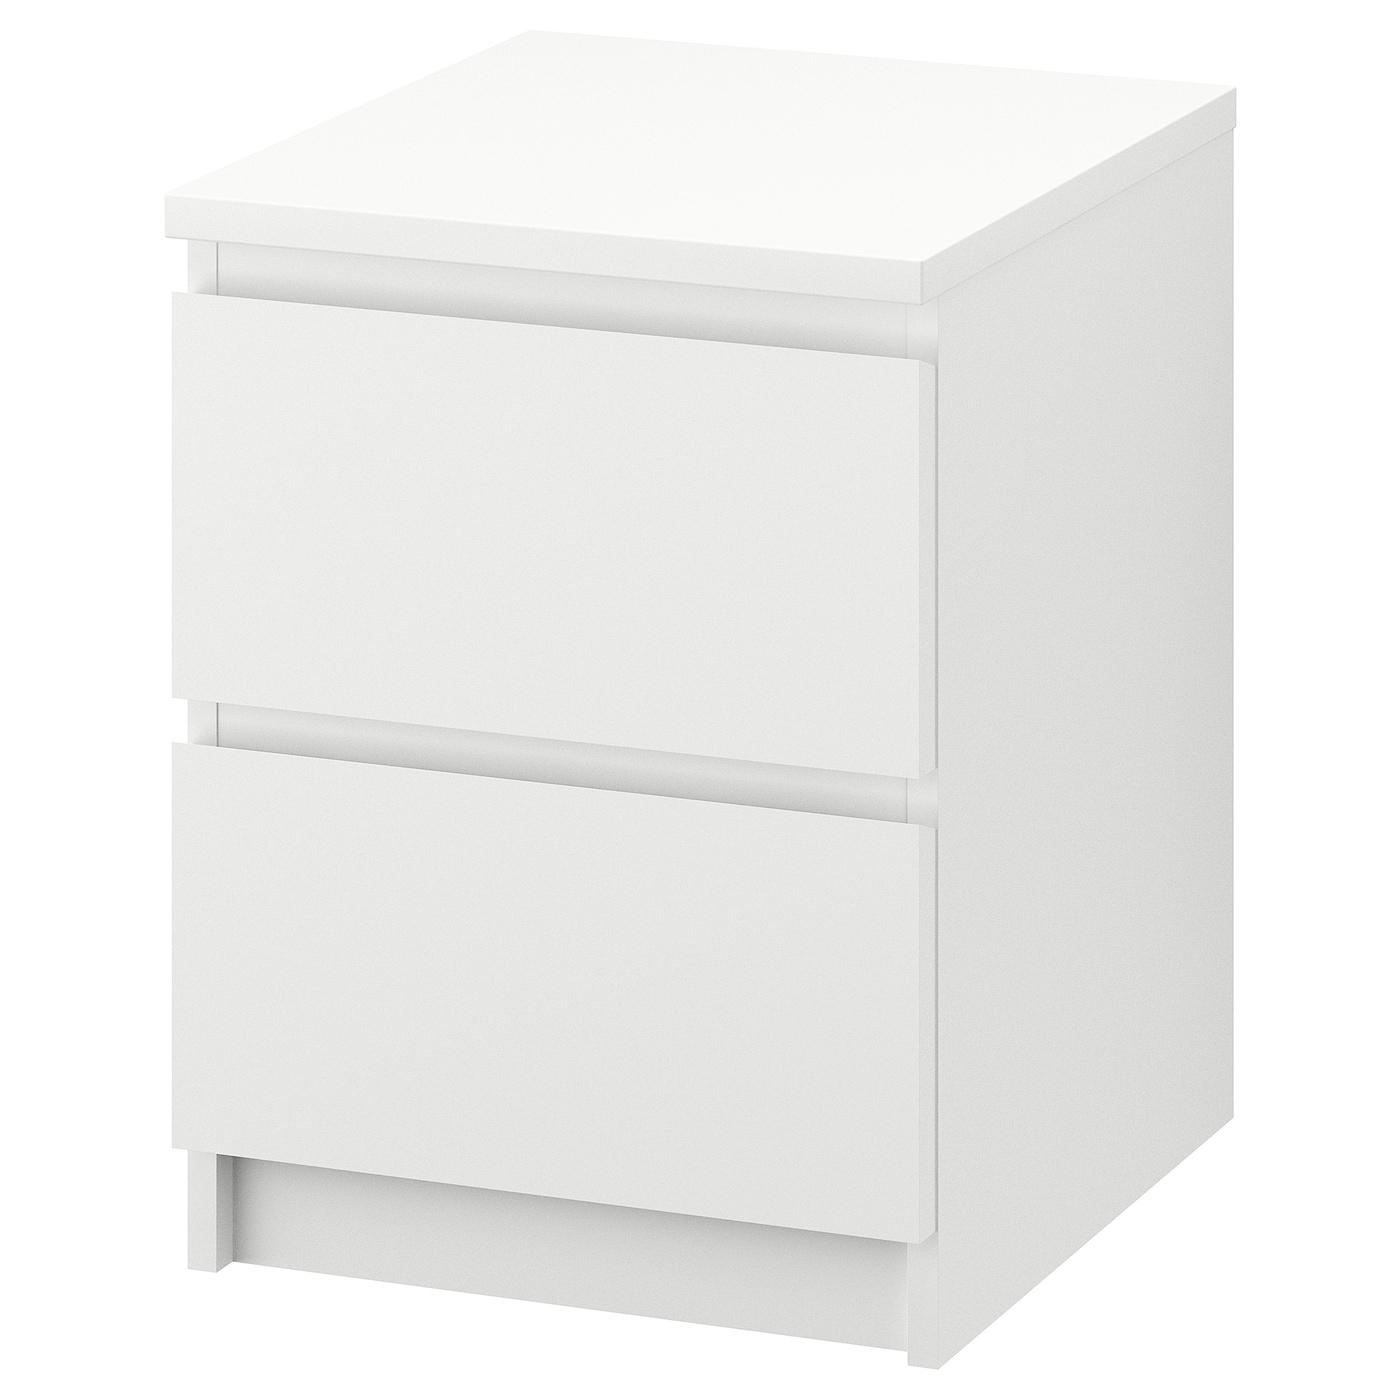 IKEA MALM biała komoda z dwiema szufladami, 40x55 cm